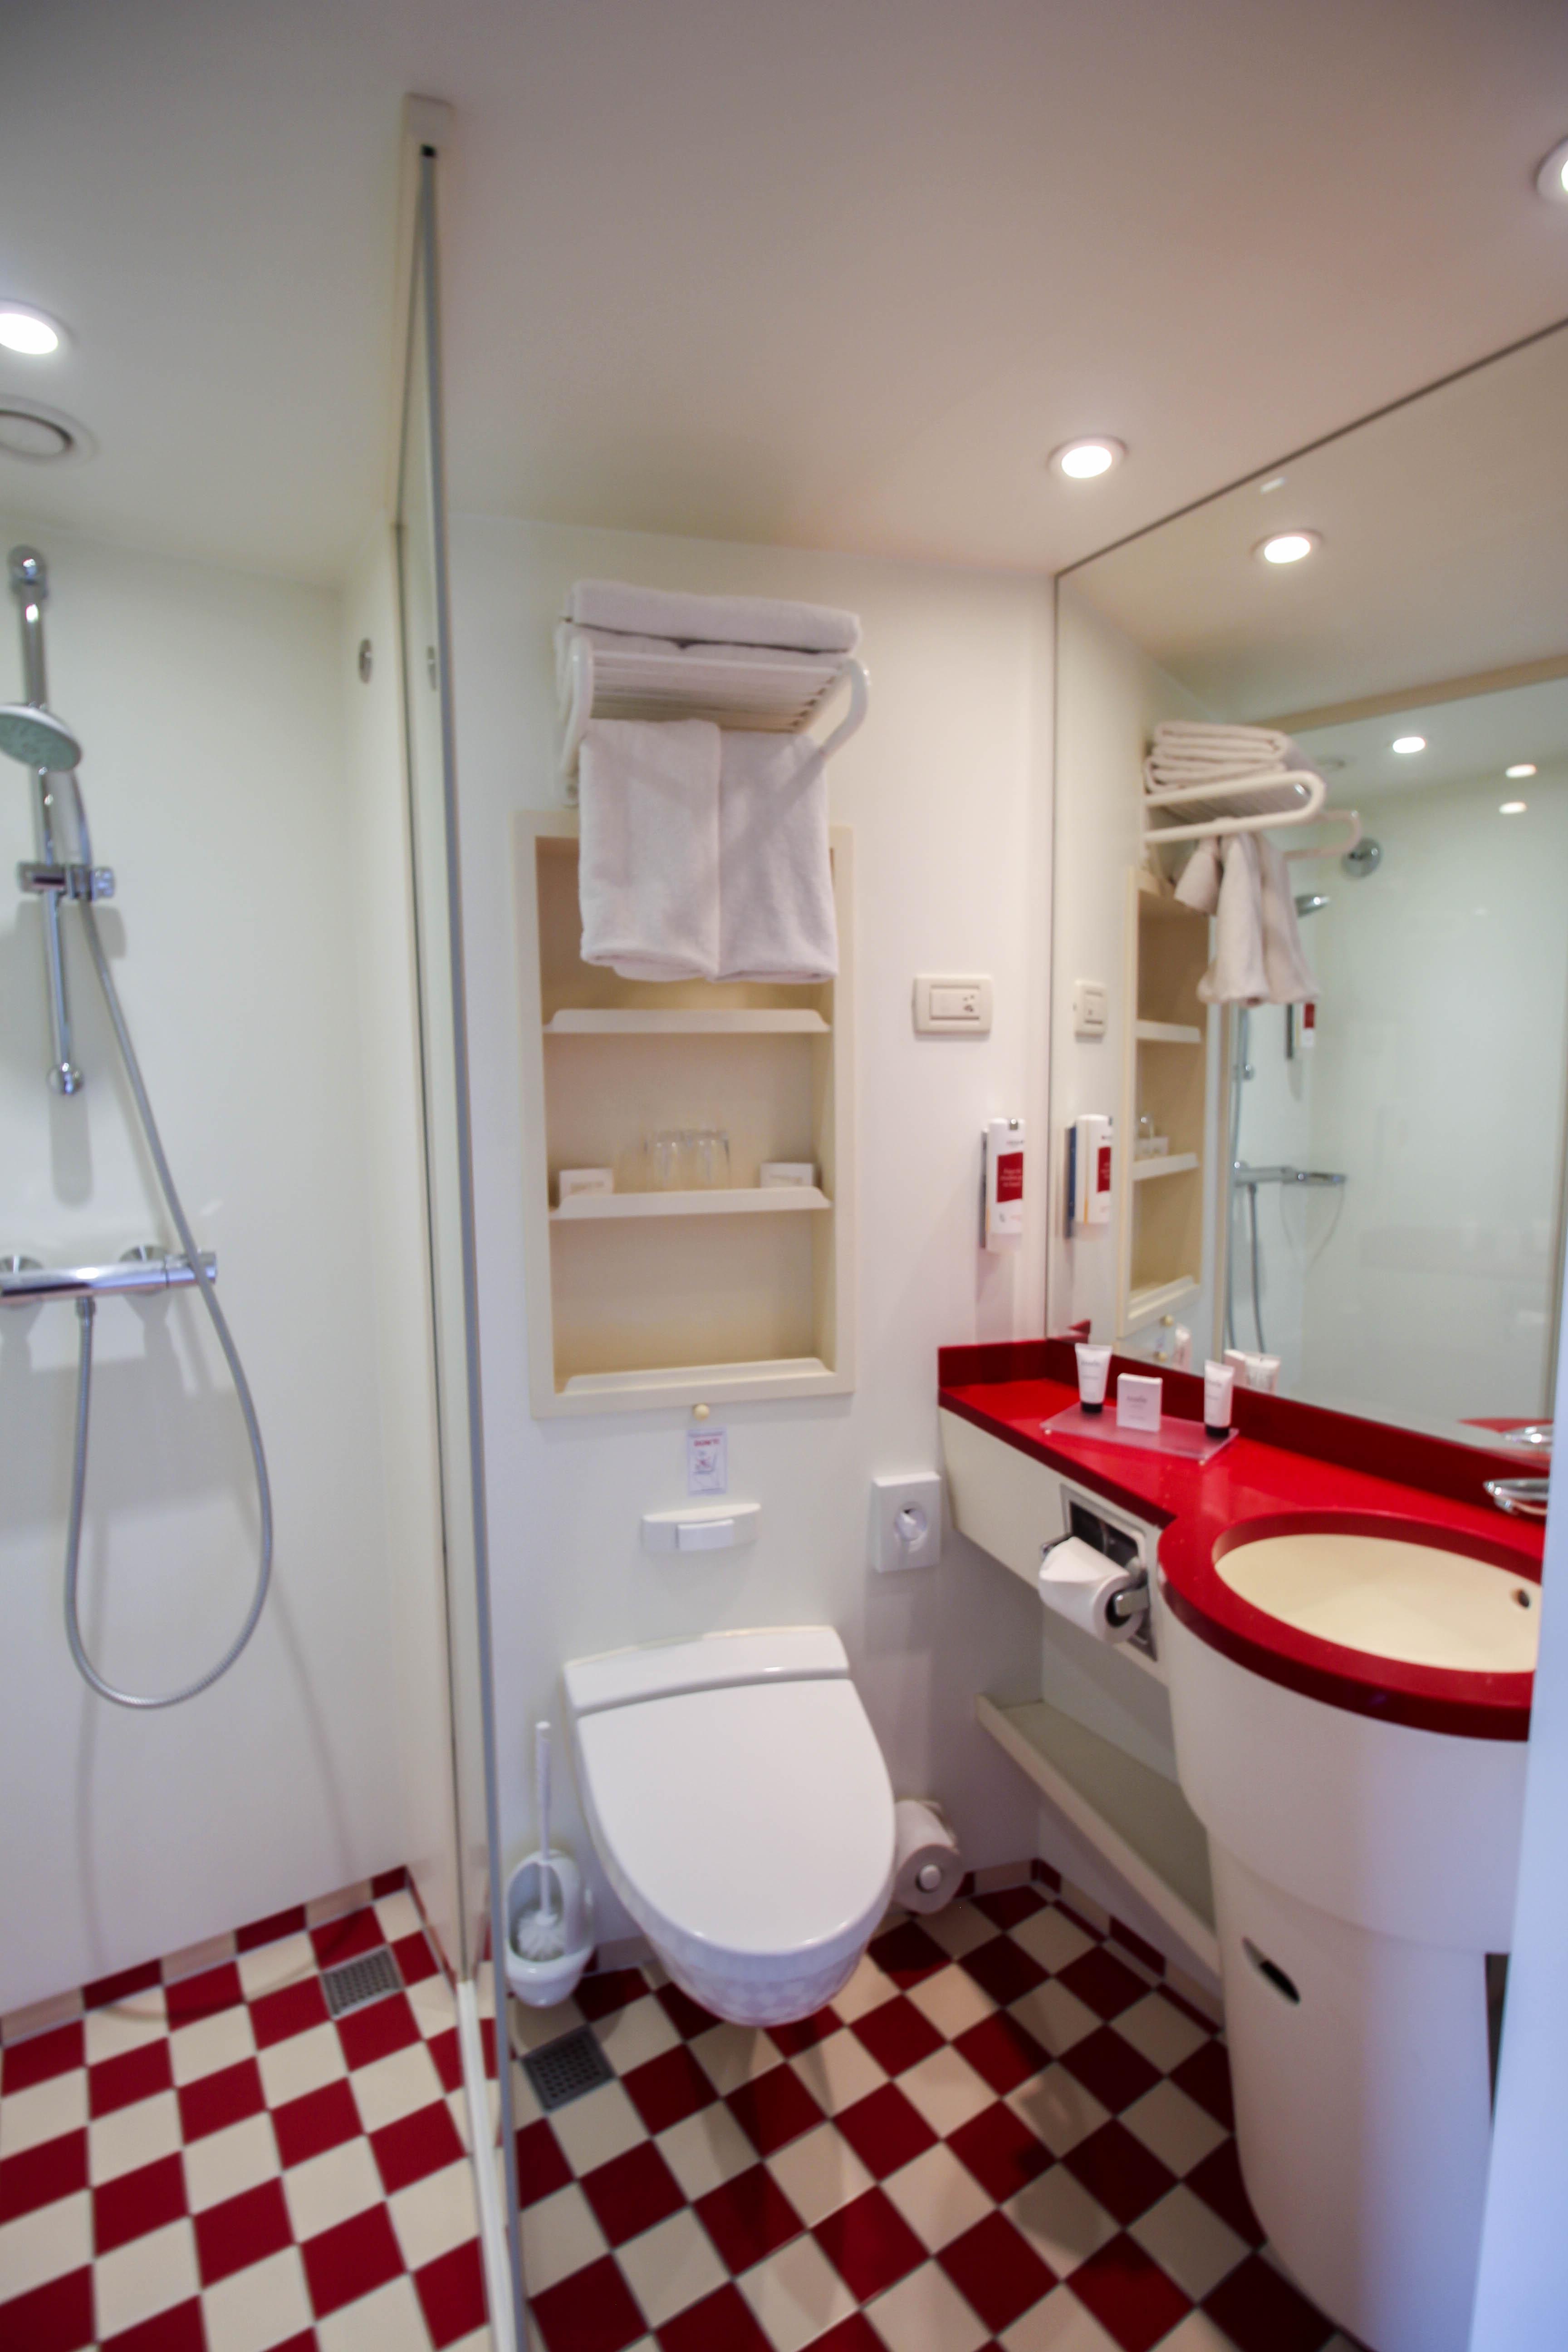 AROSA VIVA Kreuzfahrtschiff Kabine französischer Balkon Außenkabine Badezimmer Erfahrungen Seine Flusskreuzfahrt